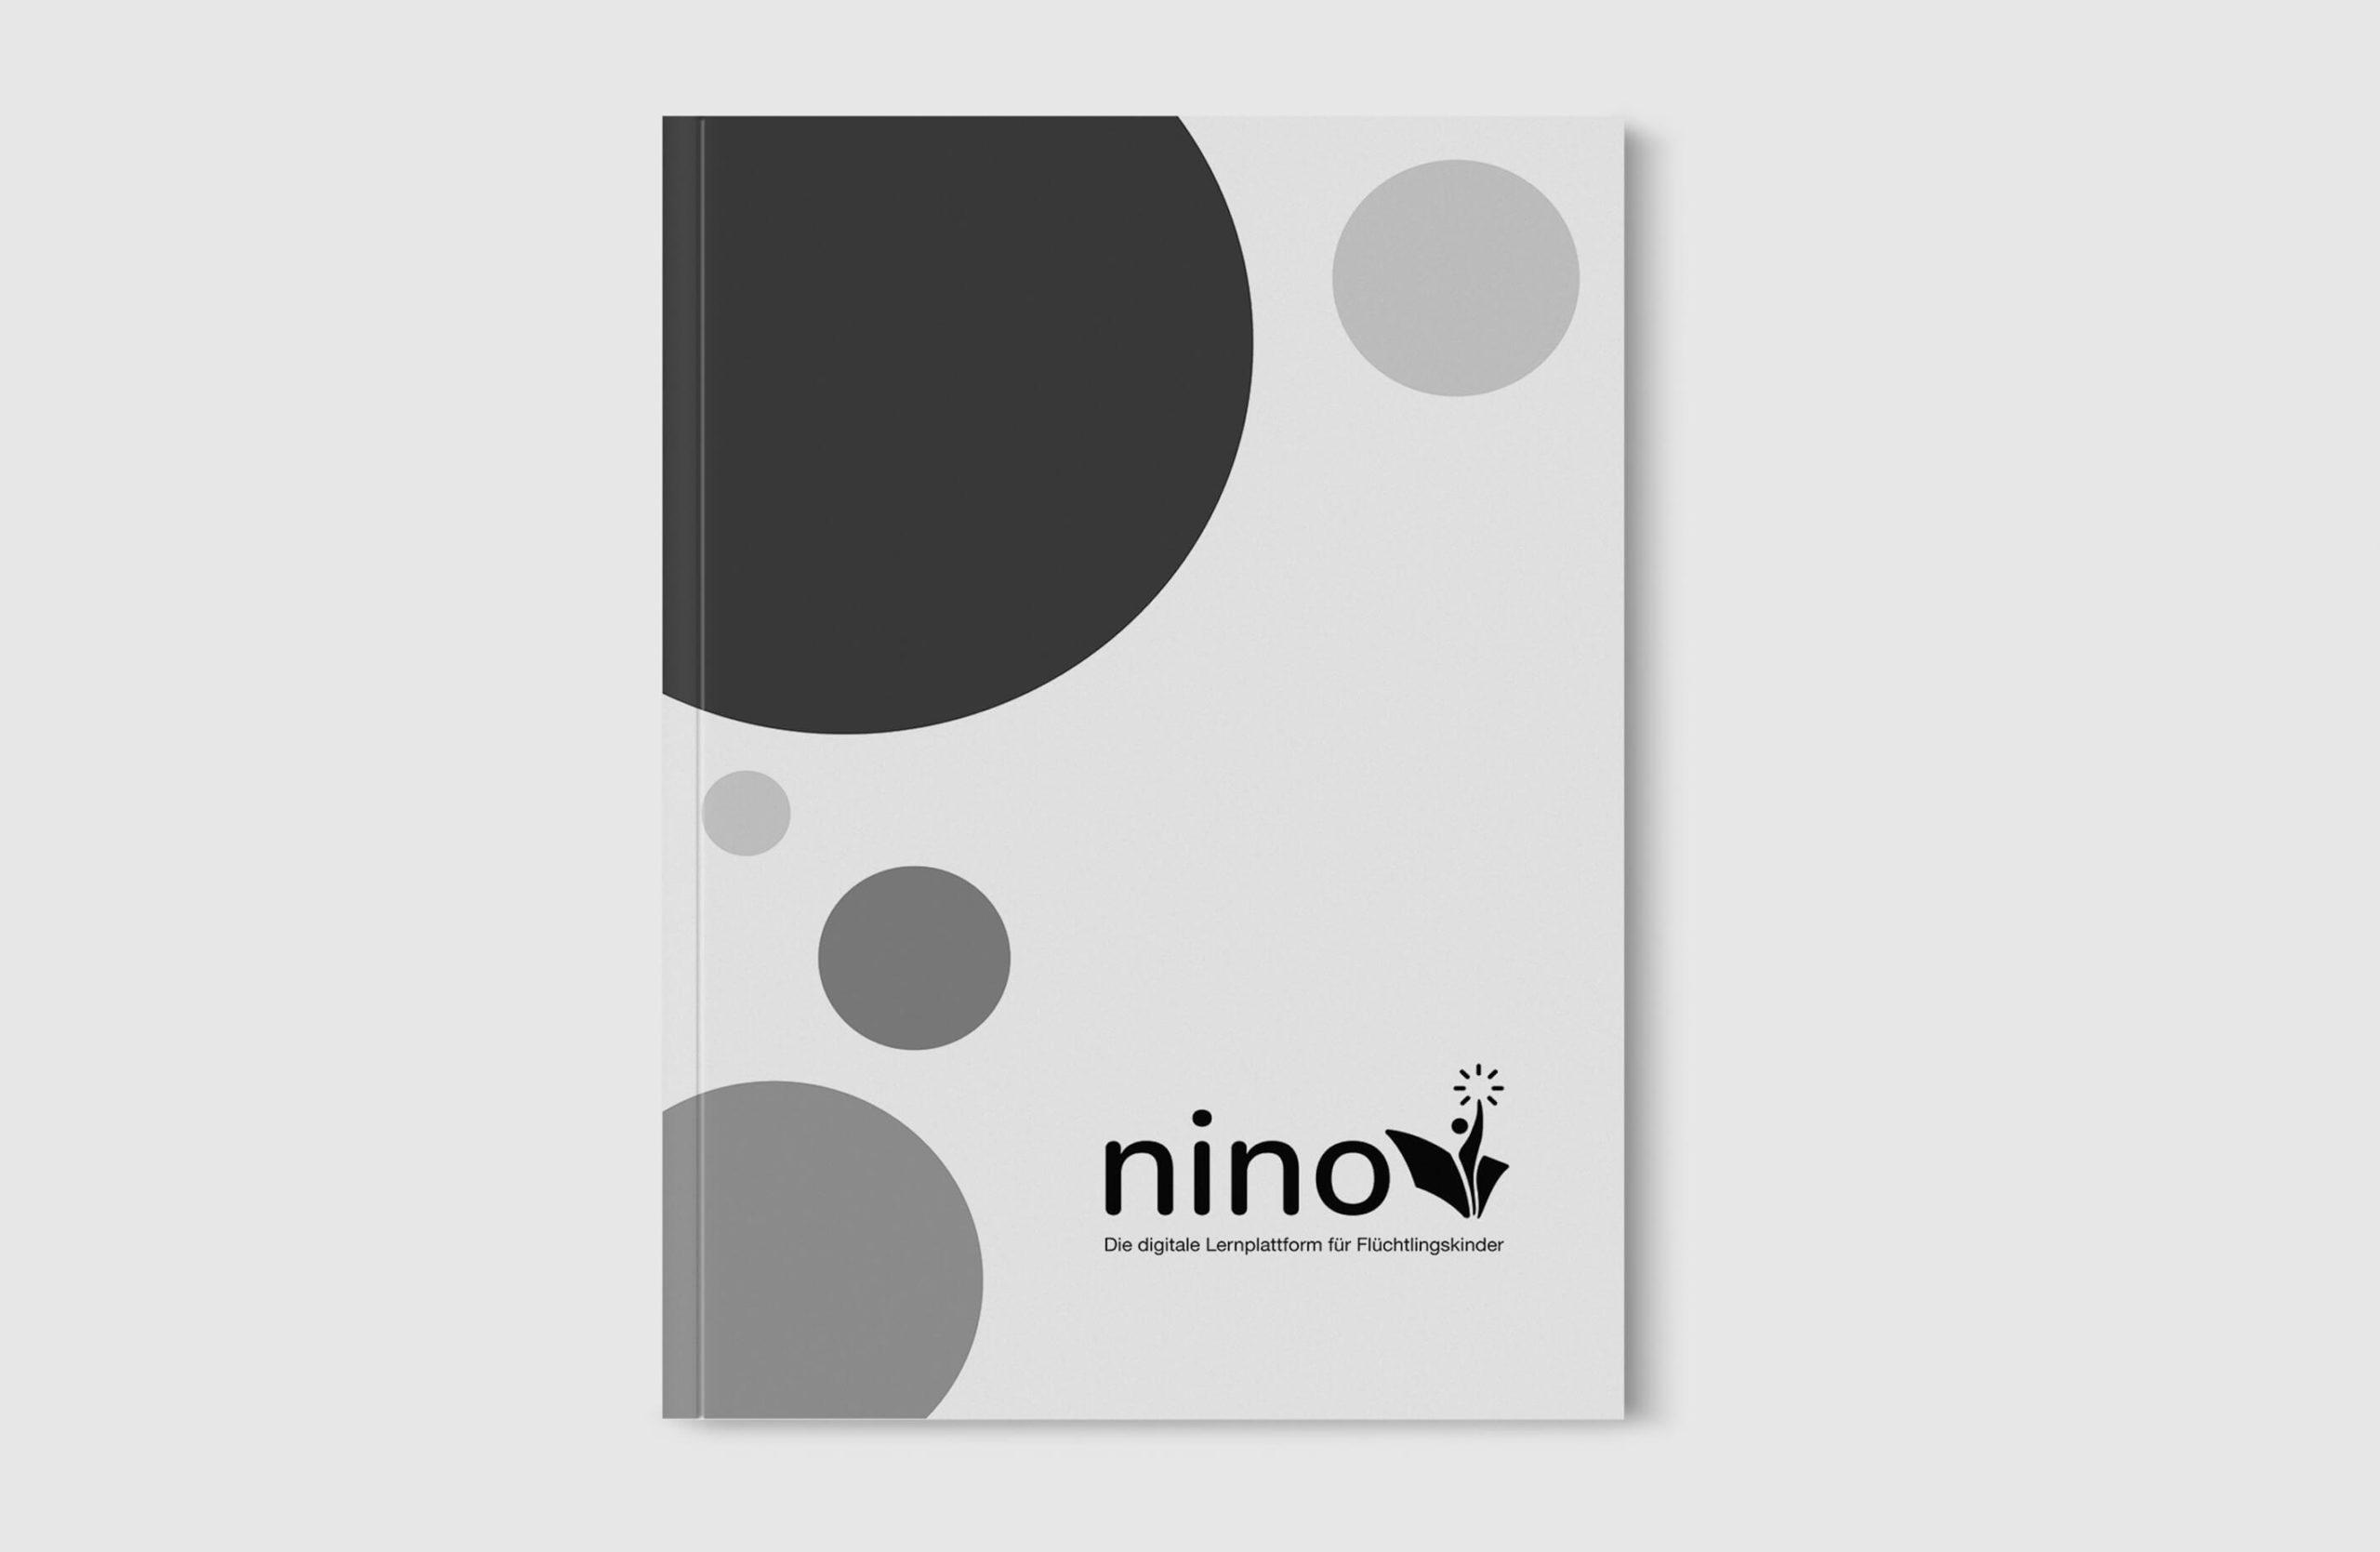 nino – Bildung für Flüchtlingskinder